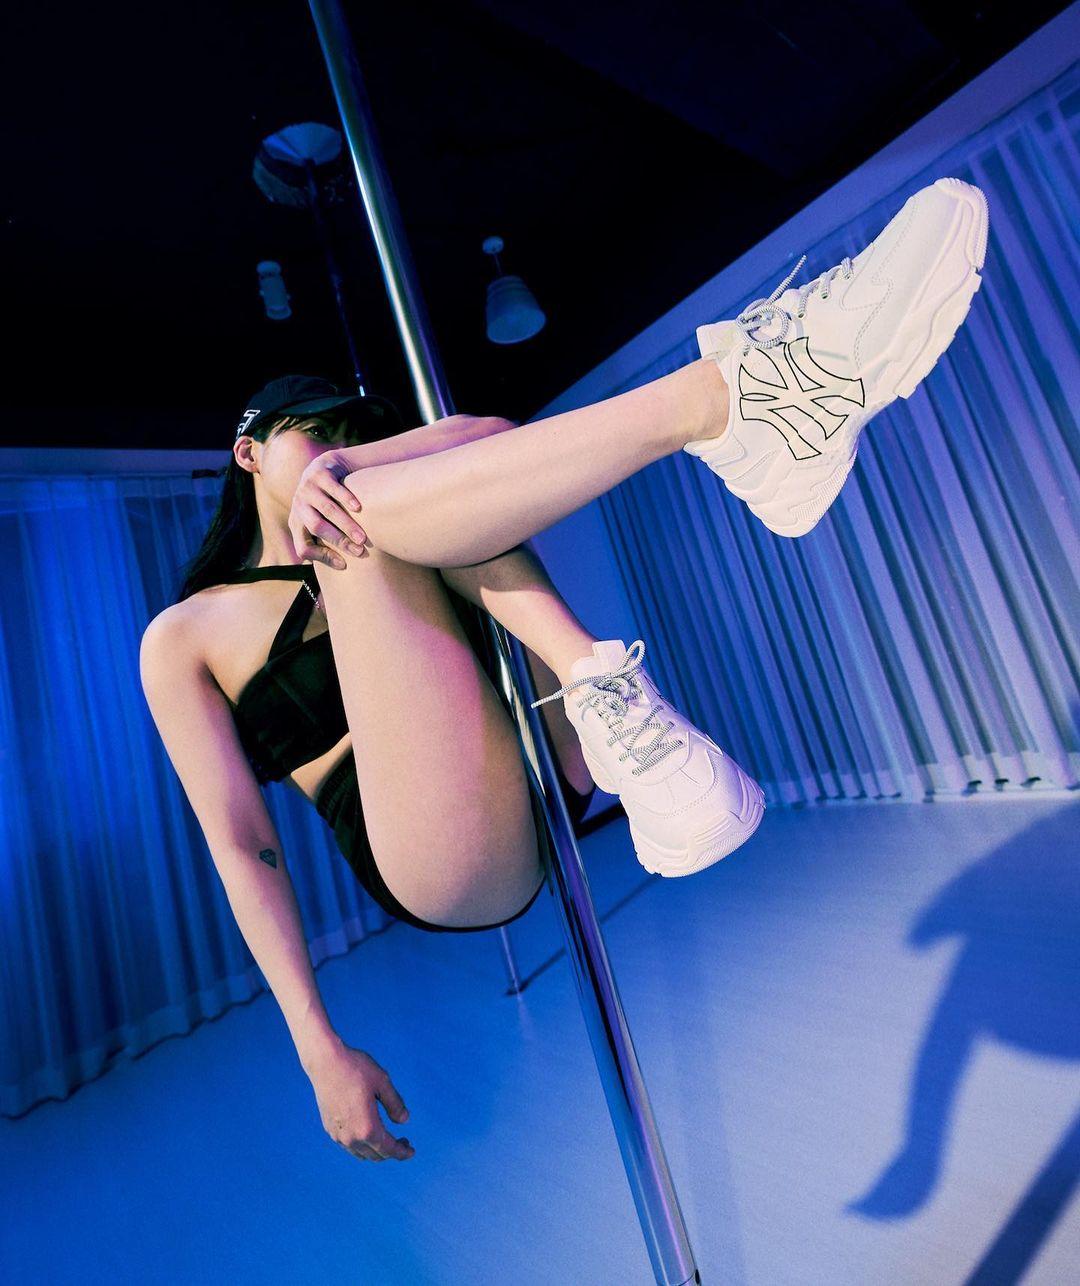 Ngất ngây ngắm màn xoạc chân 180 độ dẻo như kẹo của kiều nữ Hàn - hình ảnh 5